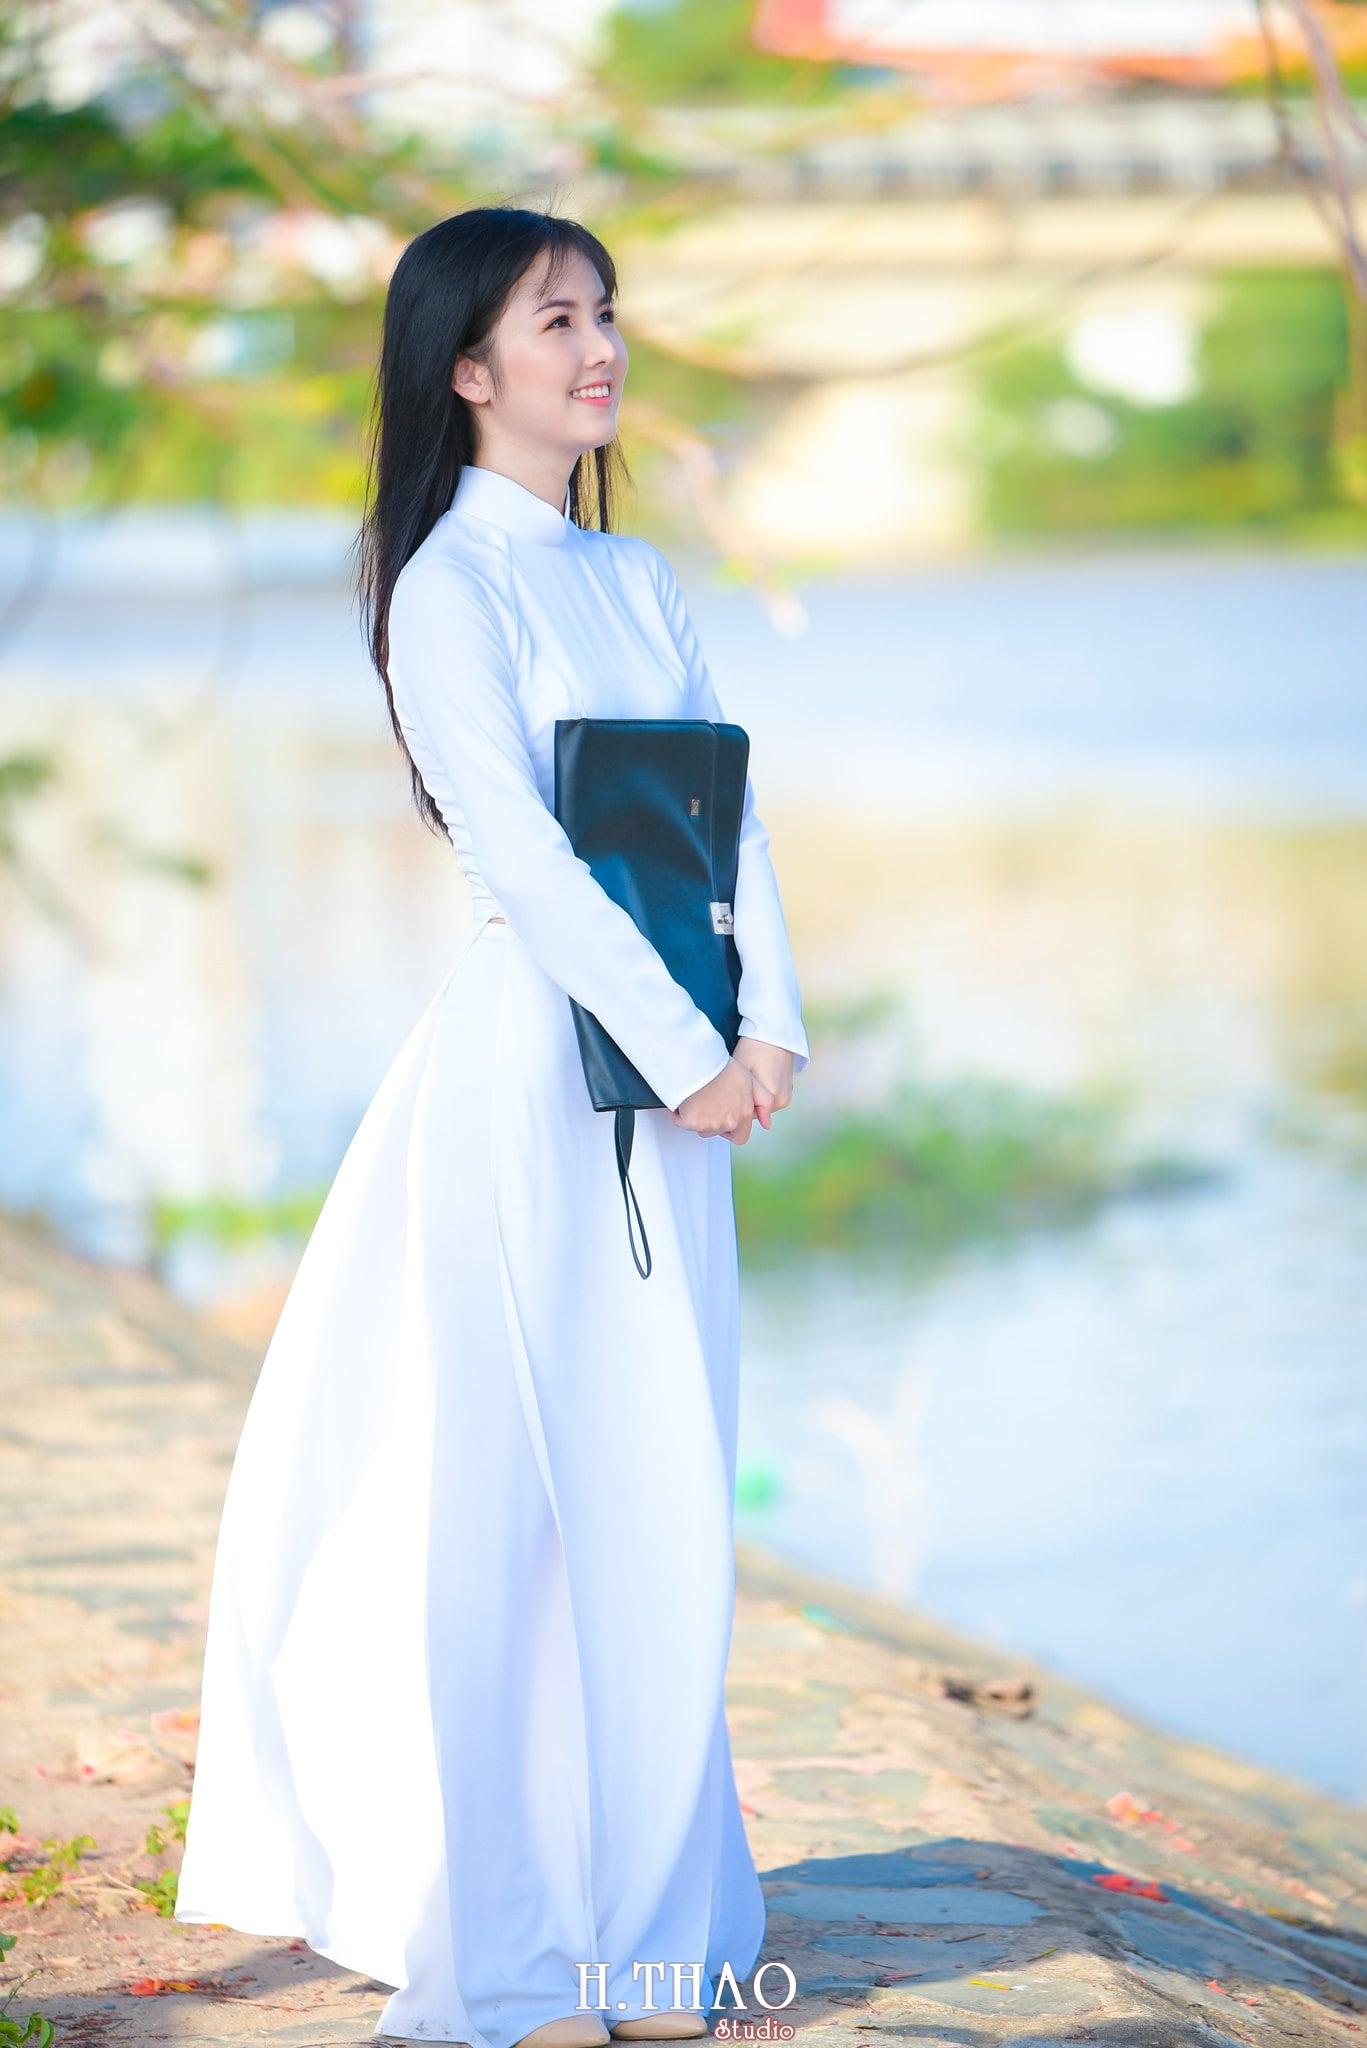 ao dai quan 2 9 - 49 cách tạo dáng chụp ảnh với áo dài tuyệt đẹp - HThao Studio